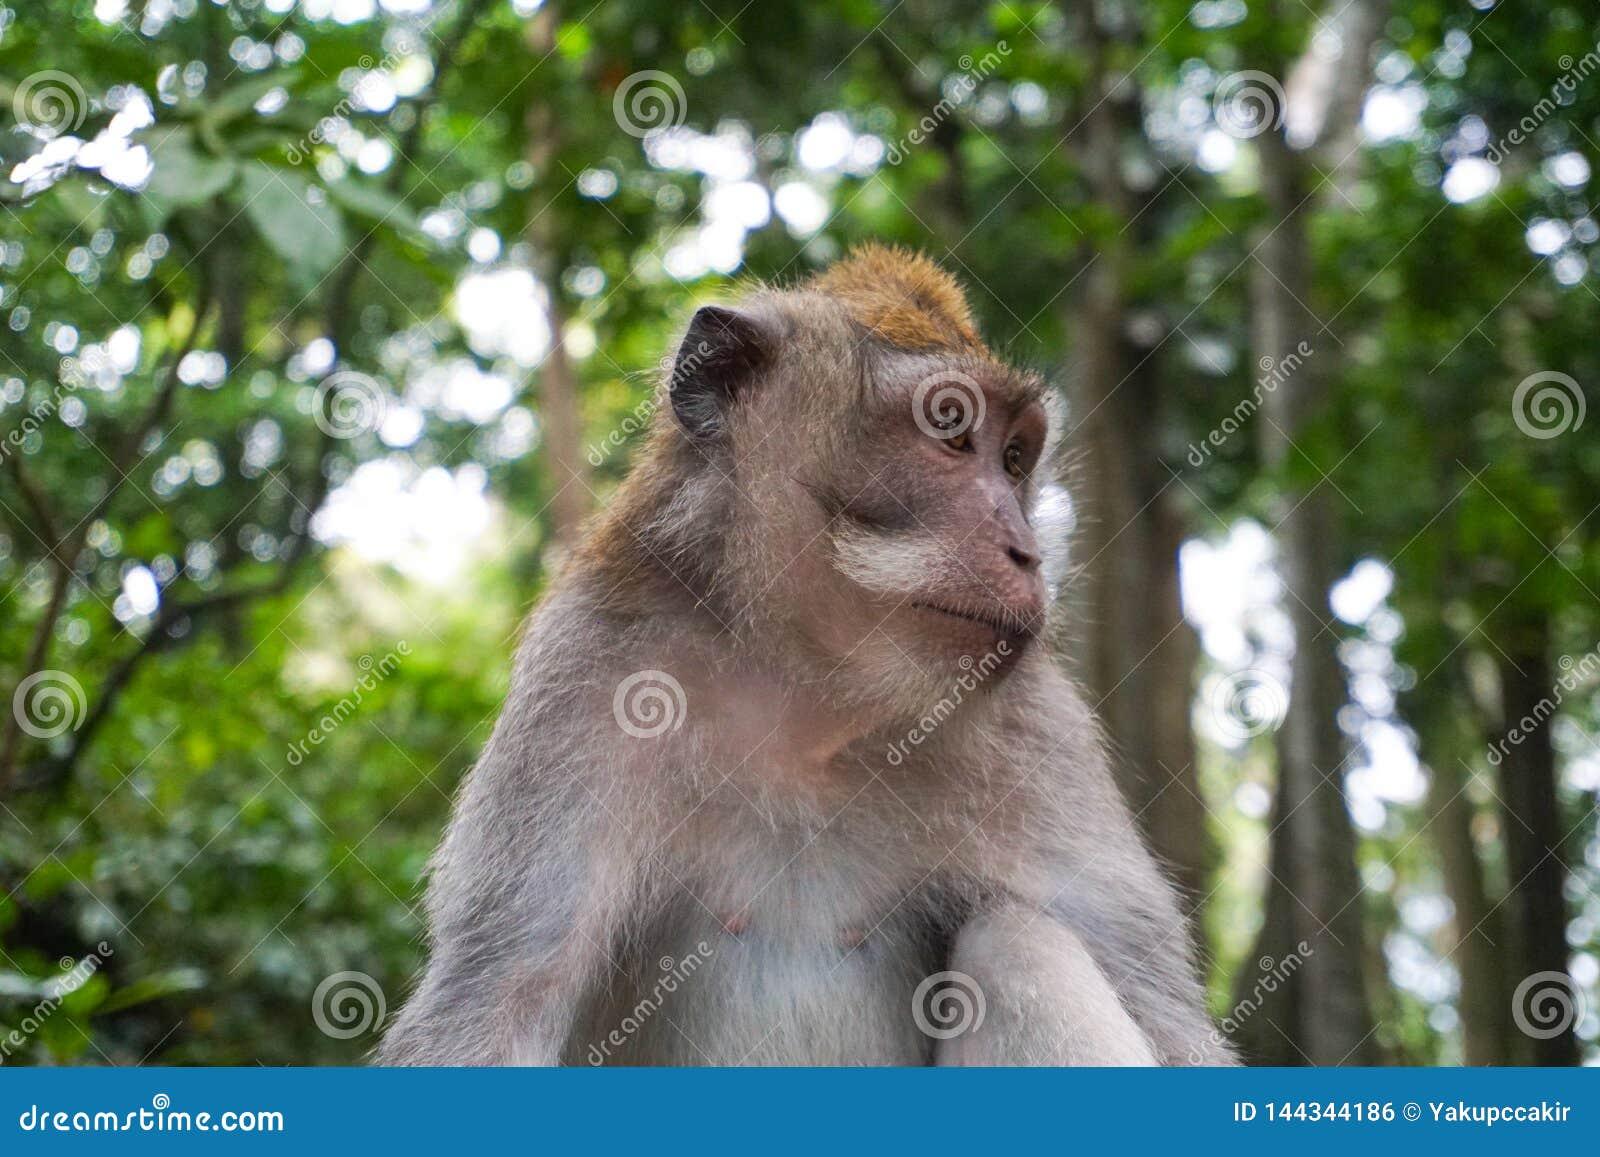 Retrato do homem do macaco para relaxar para sentar-se na rocha na floresta, macaco Forest Ubud, Bali, Indonésia